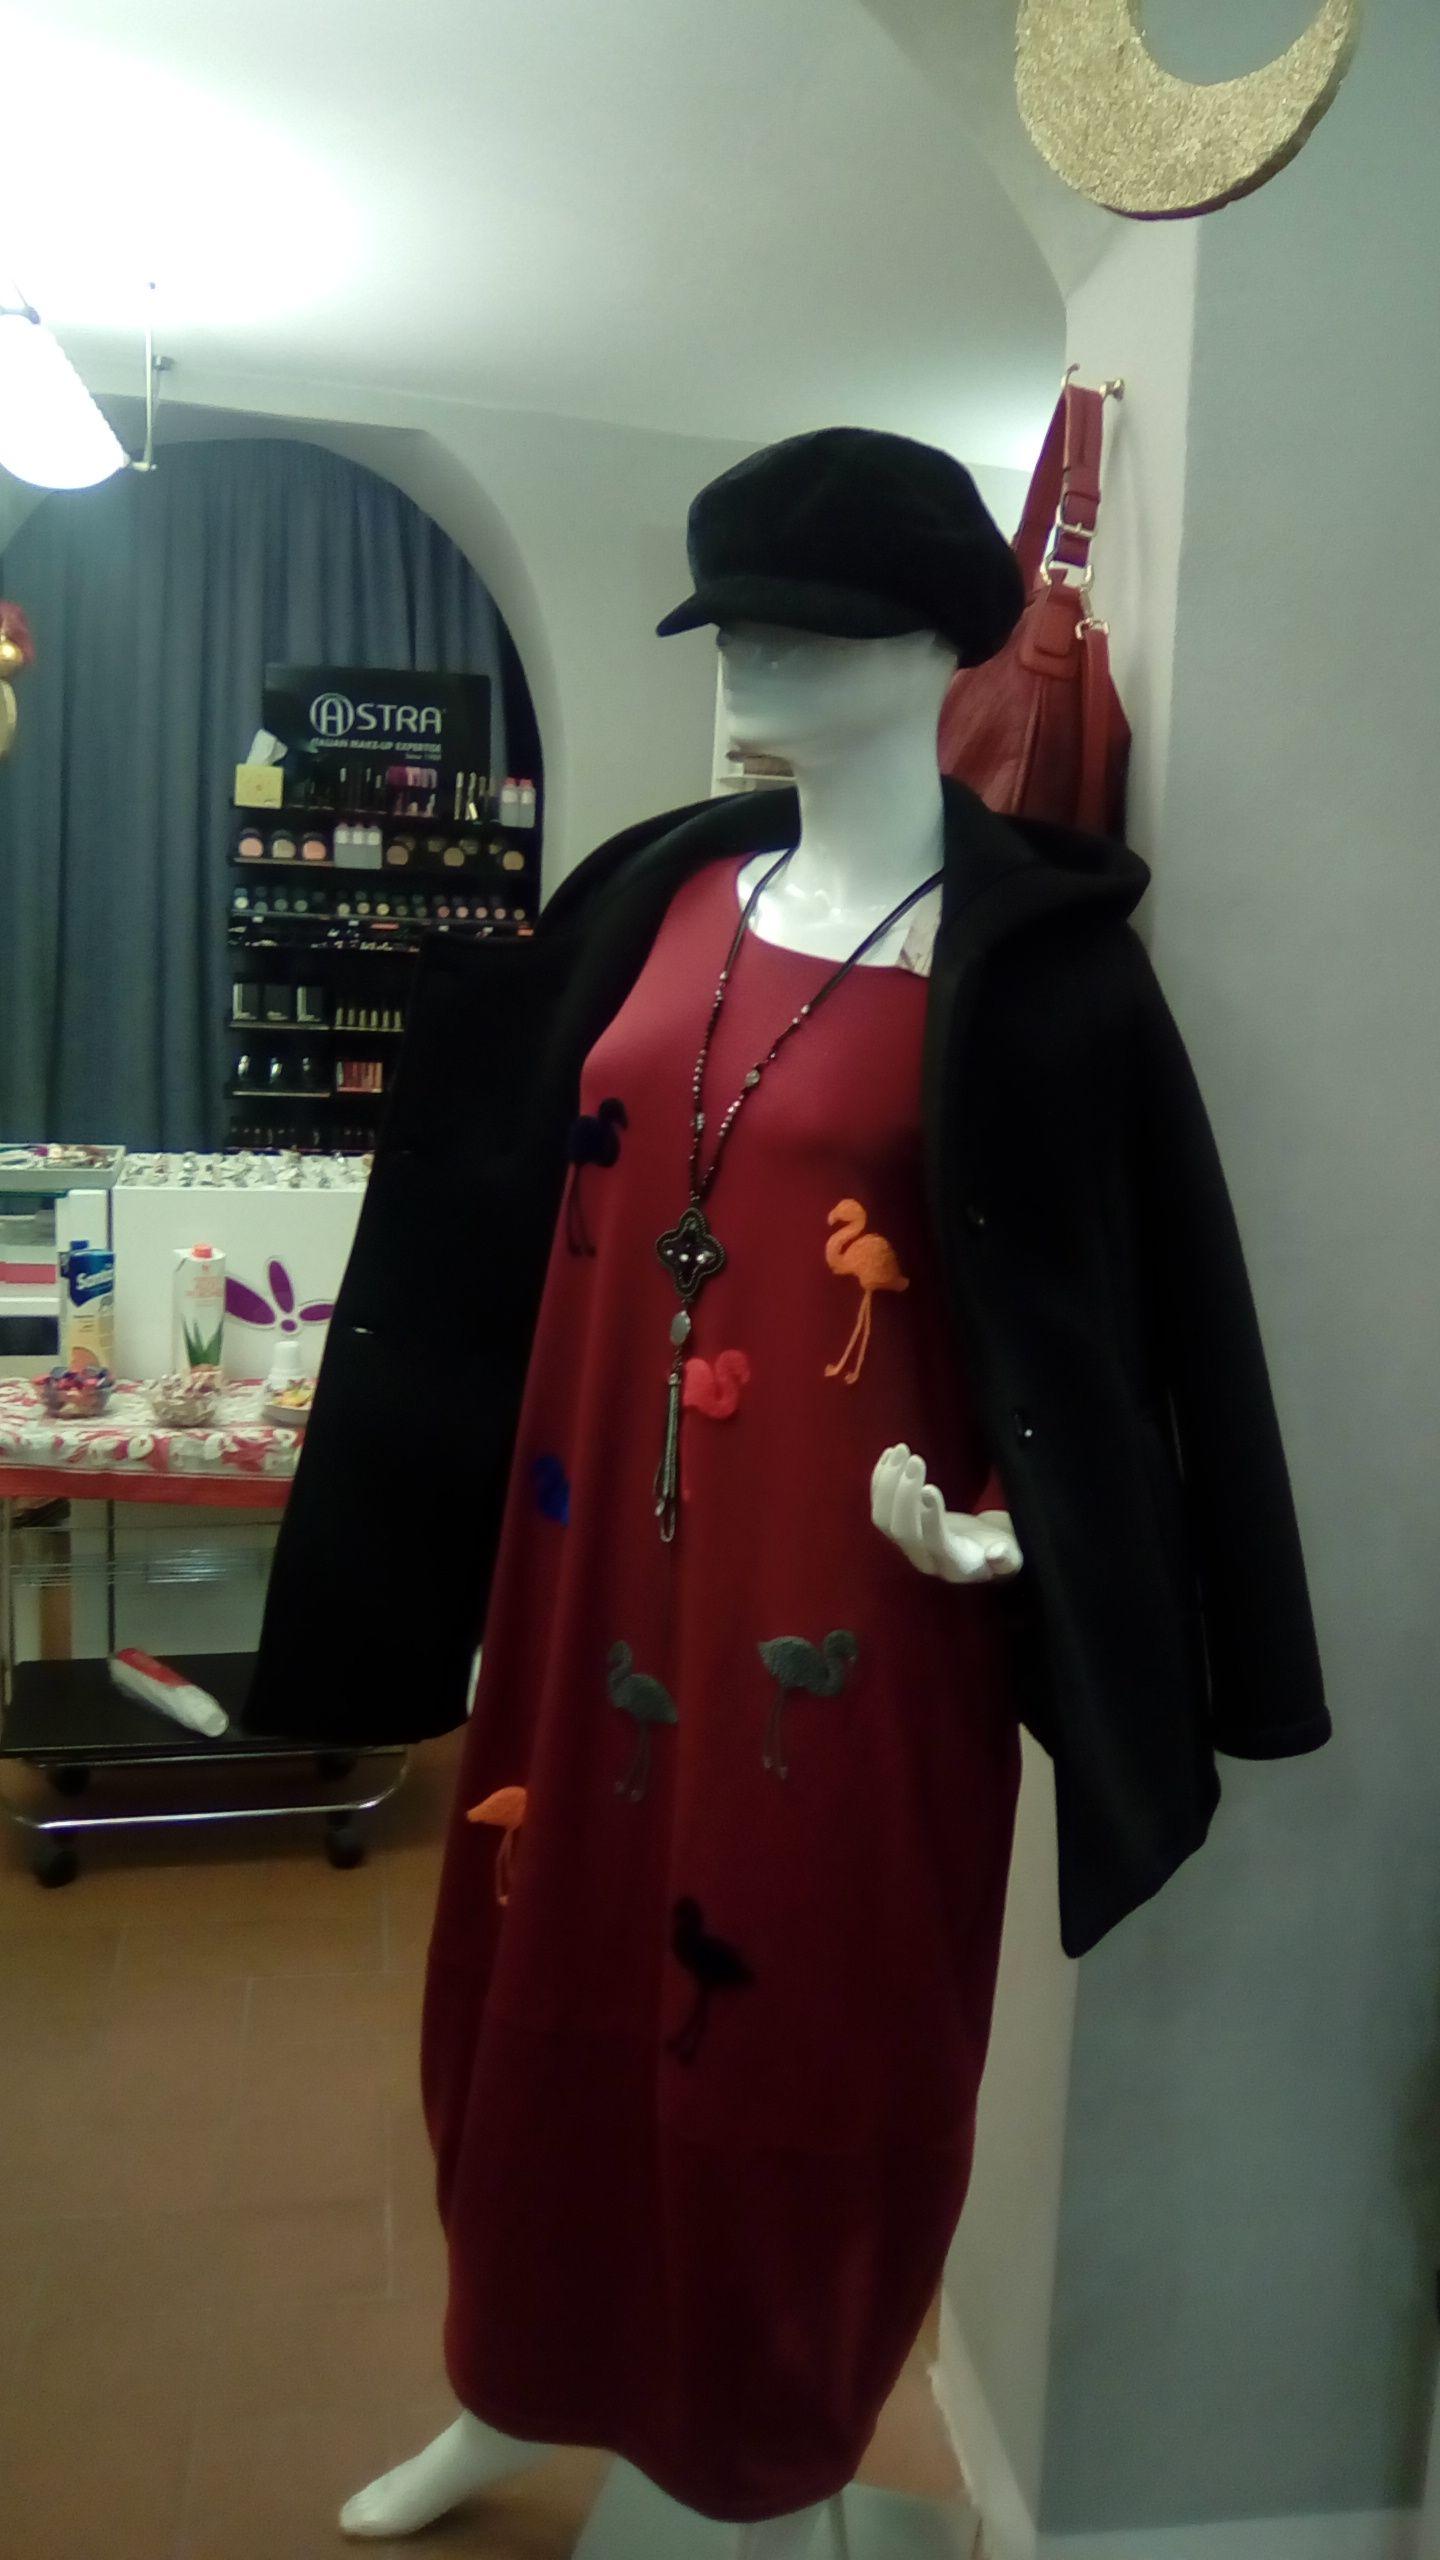 abbigliamento  fashion  moda  style  outfit  shopping Ultimi arrivi abbigliamento  da 63249bbb979